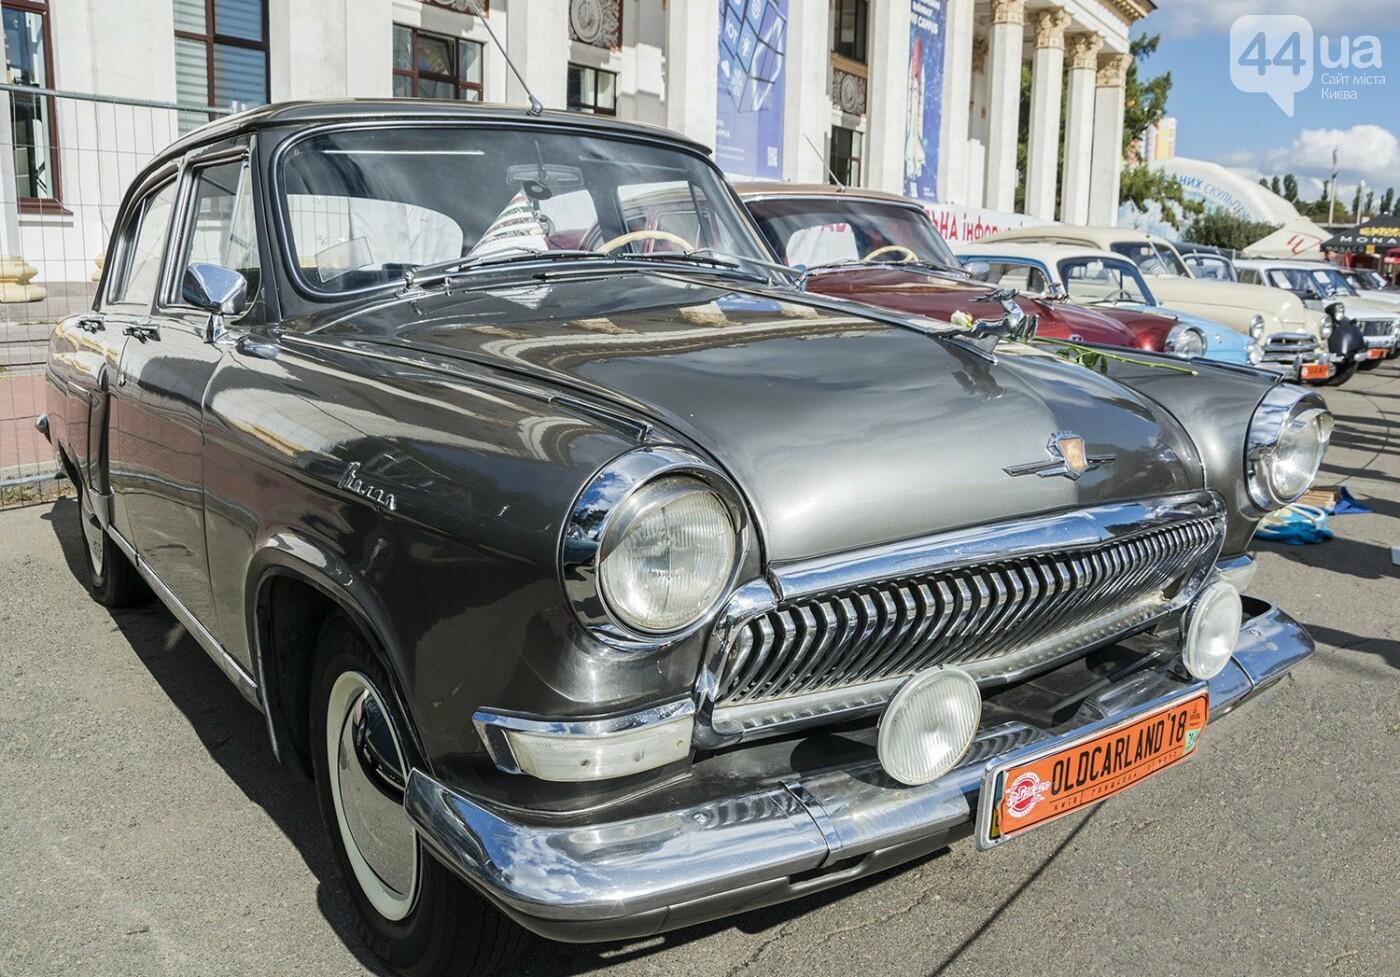 Old Car Land-2018: как прошел крупнейший автомобильный ретро-фестиваль Украины, - ФОТО, ВИДЕО, фото-4